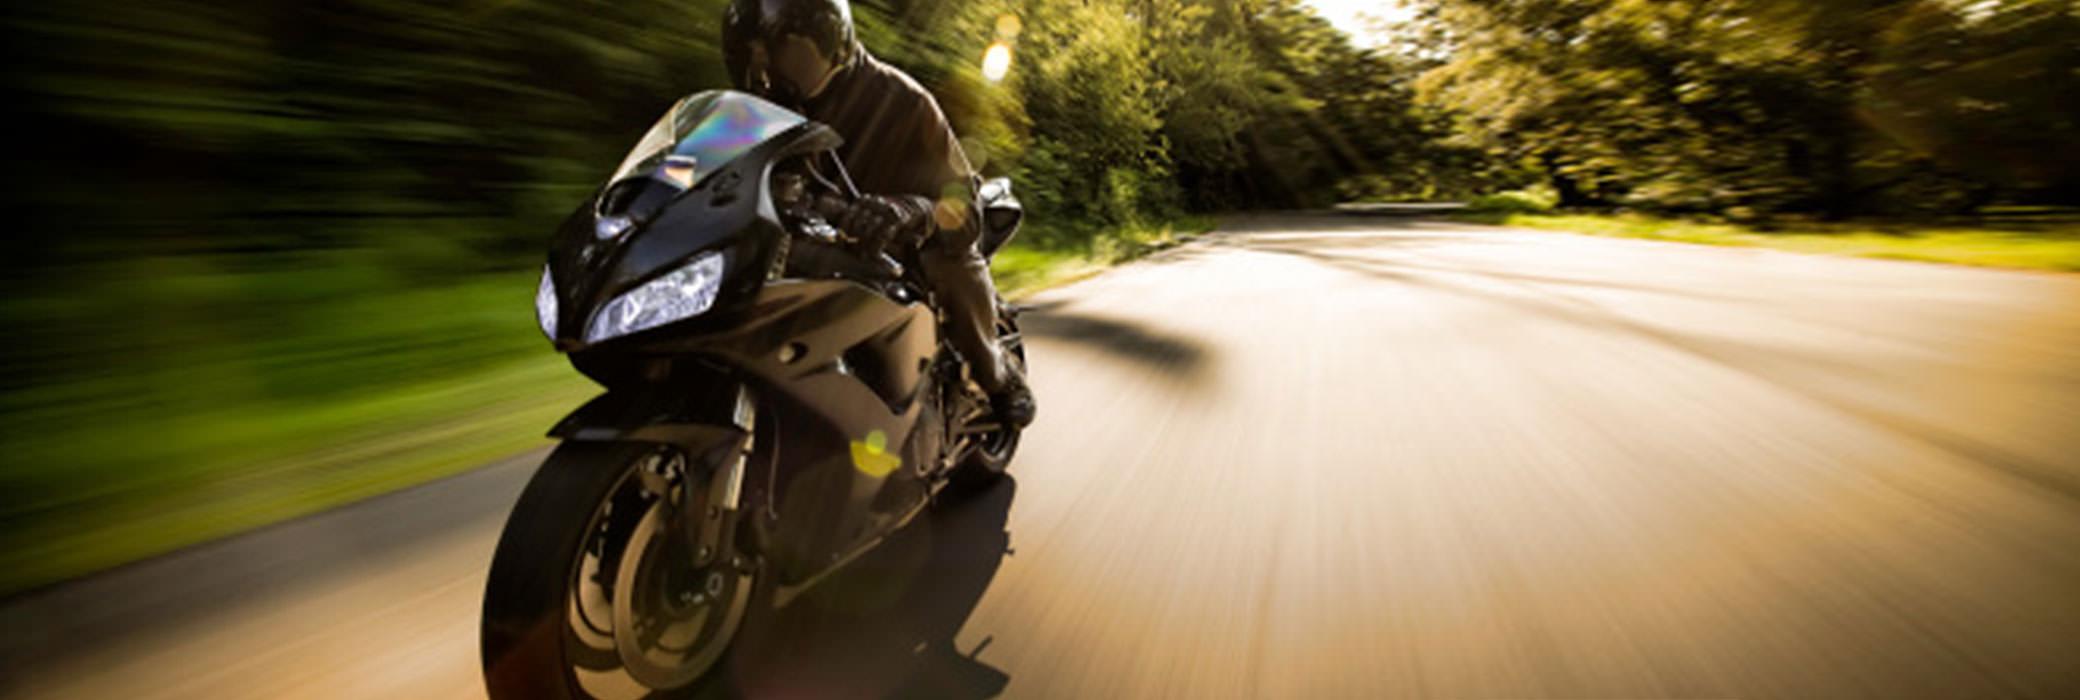 Fekete ruhába öltözött férfi fákkal szegélyezett vidéki úton motorozik a fekete motorján